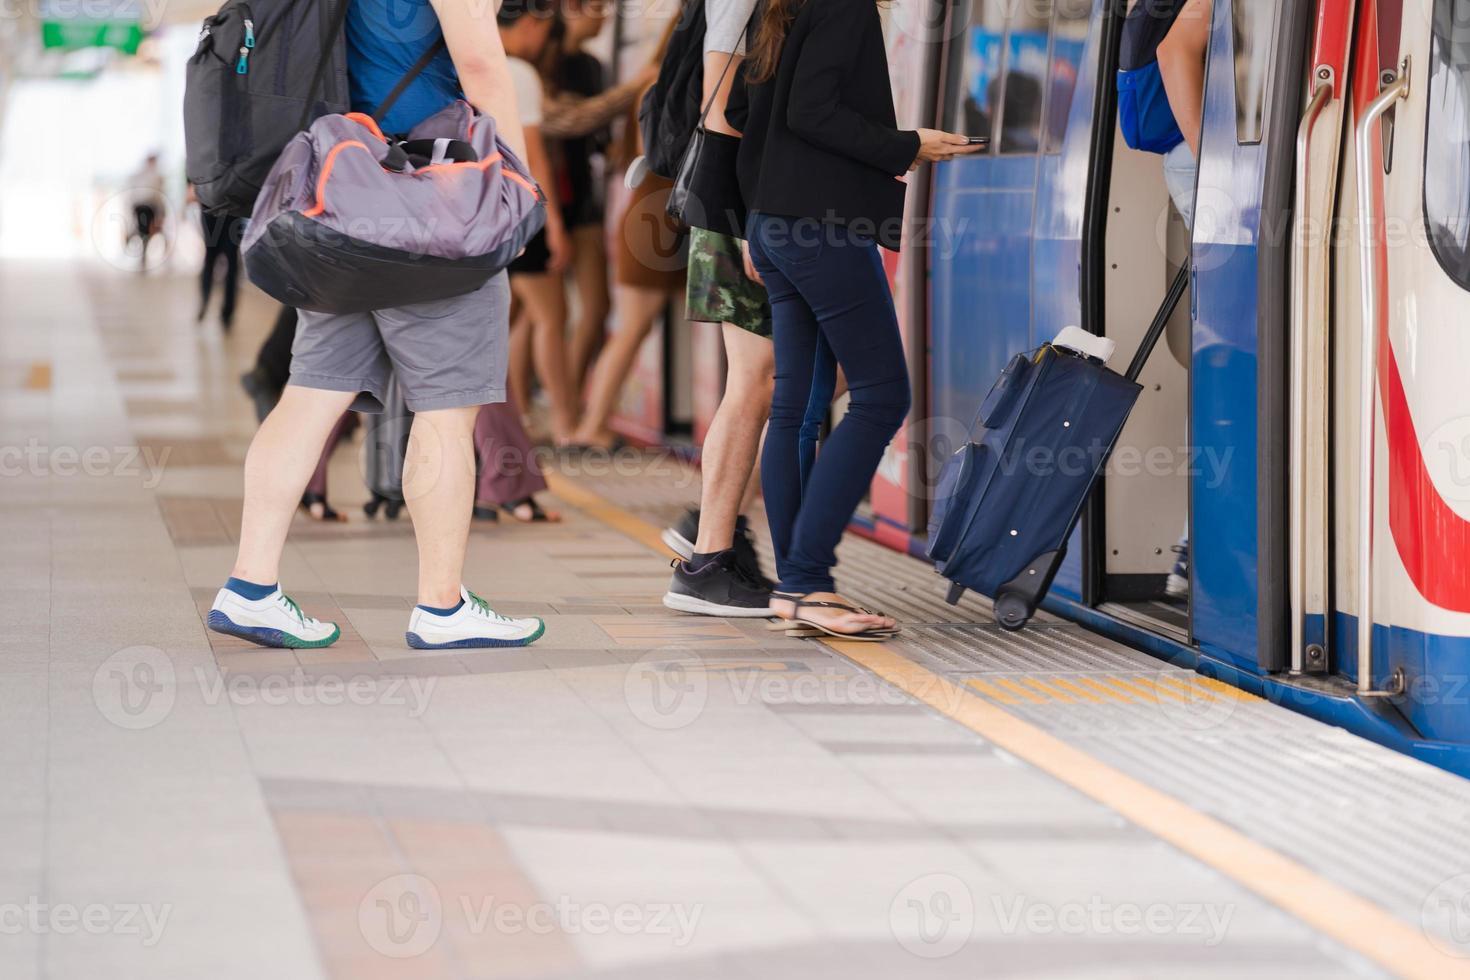 pessoas caminhando em um trem foto